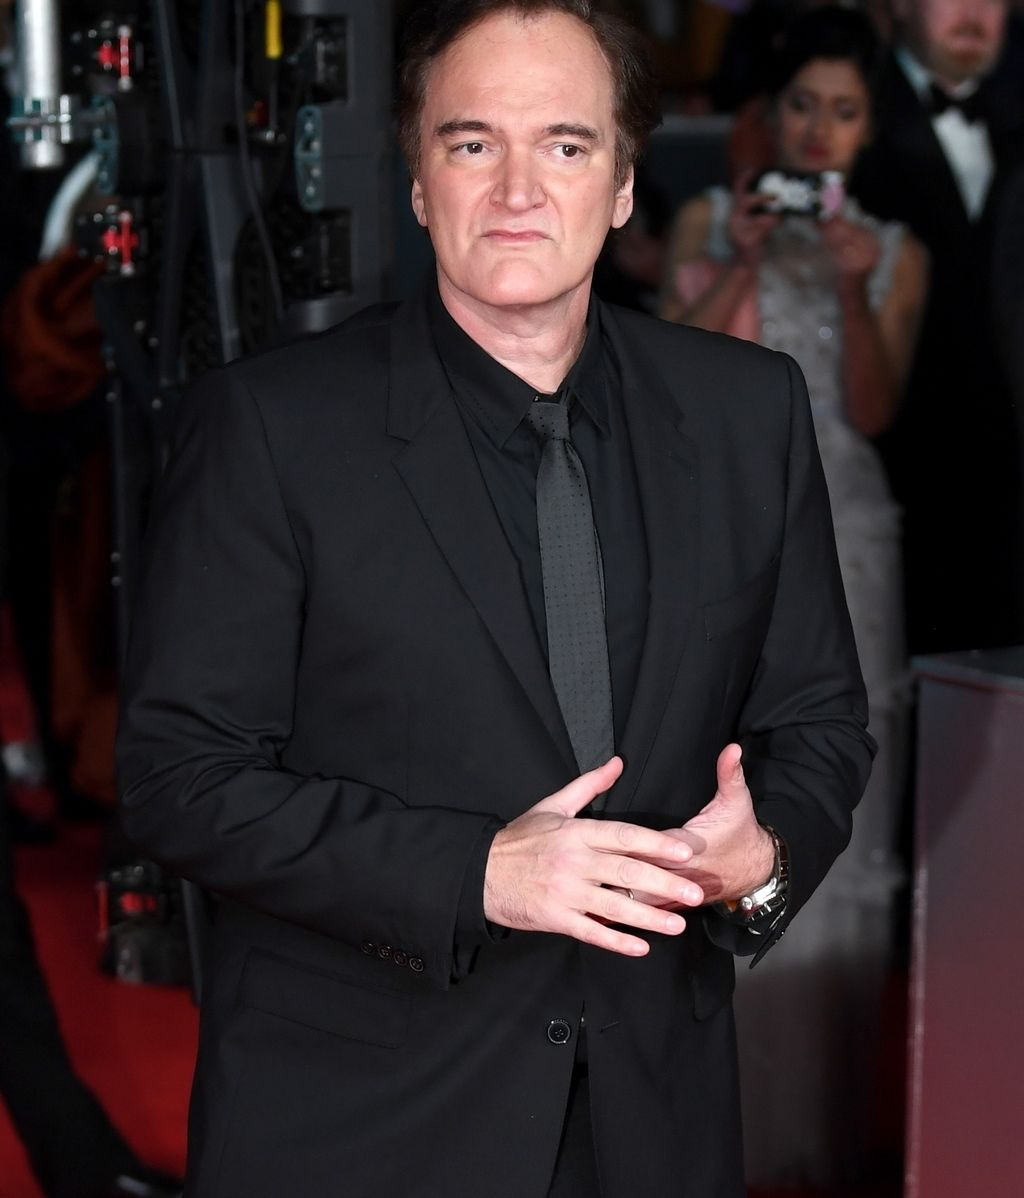 La alfombra roja de los Premios Bafta 2019, en imágenes